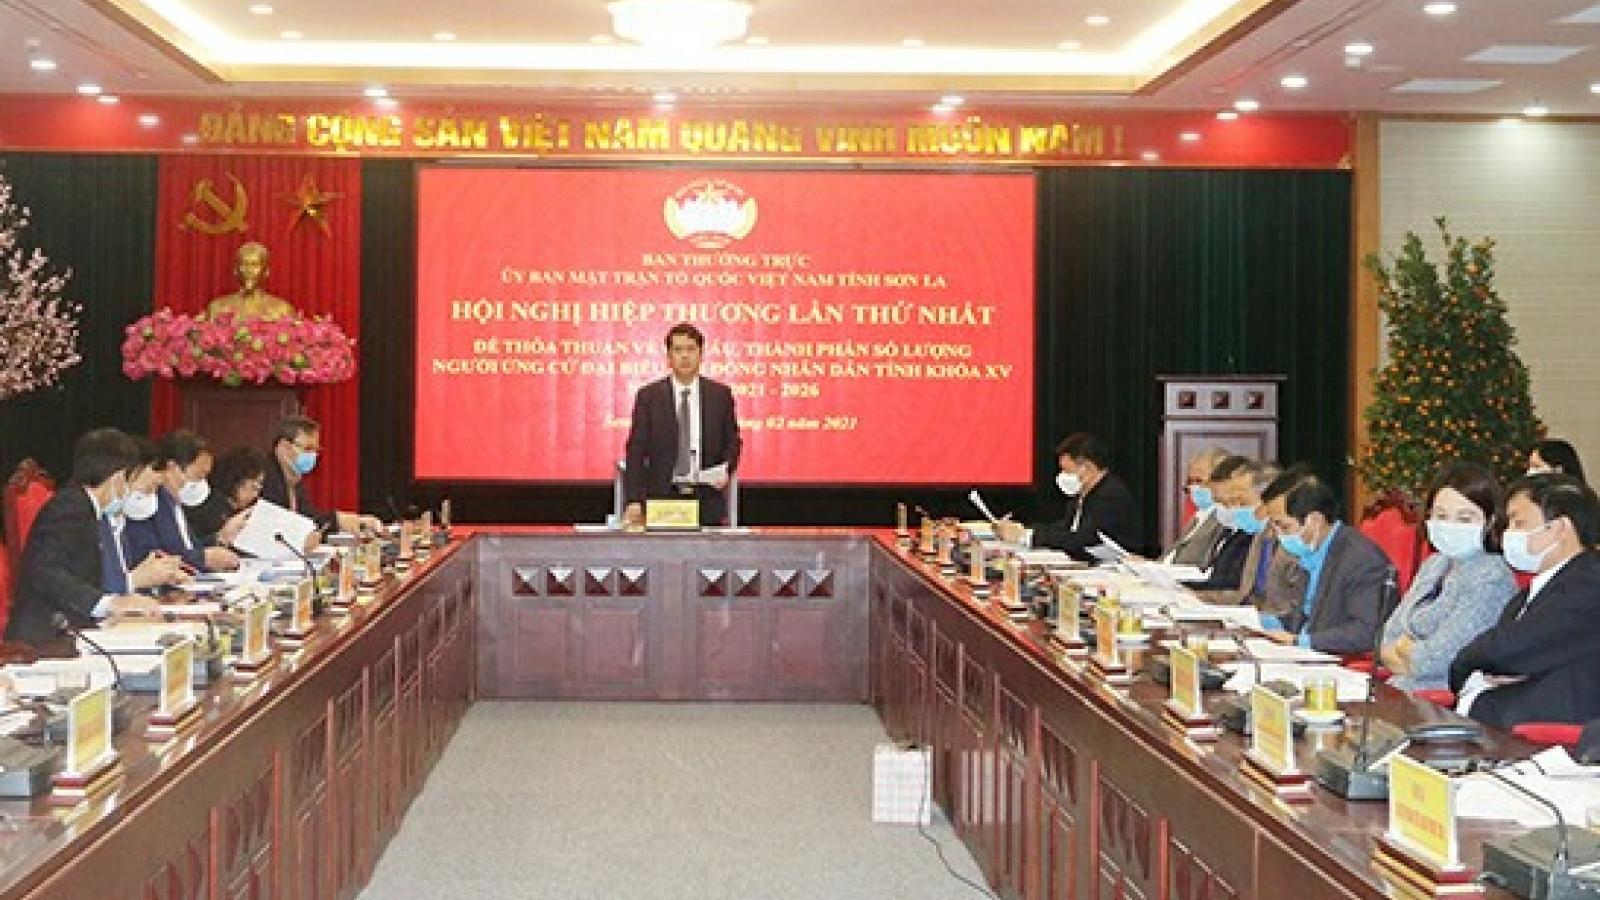 Dự kiến giới thiệu 122 người ứng cử để bầu đại biểu HĐND tỉnh Sơn La